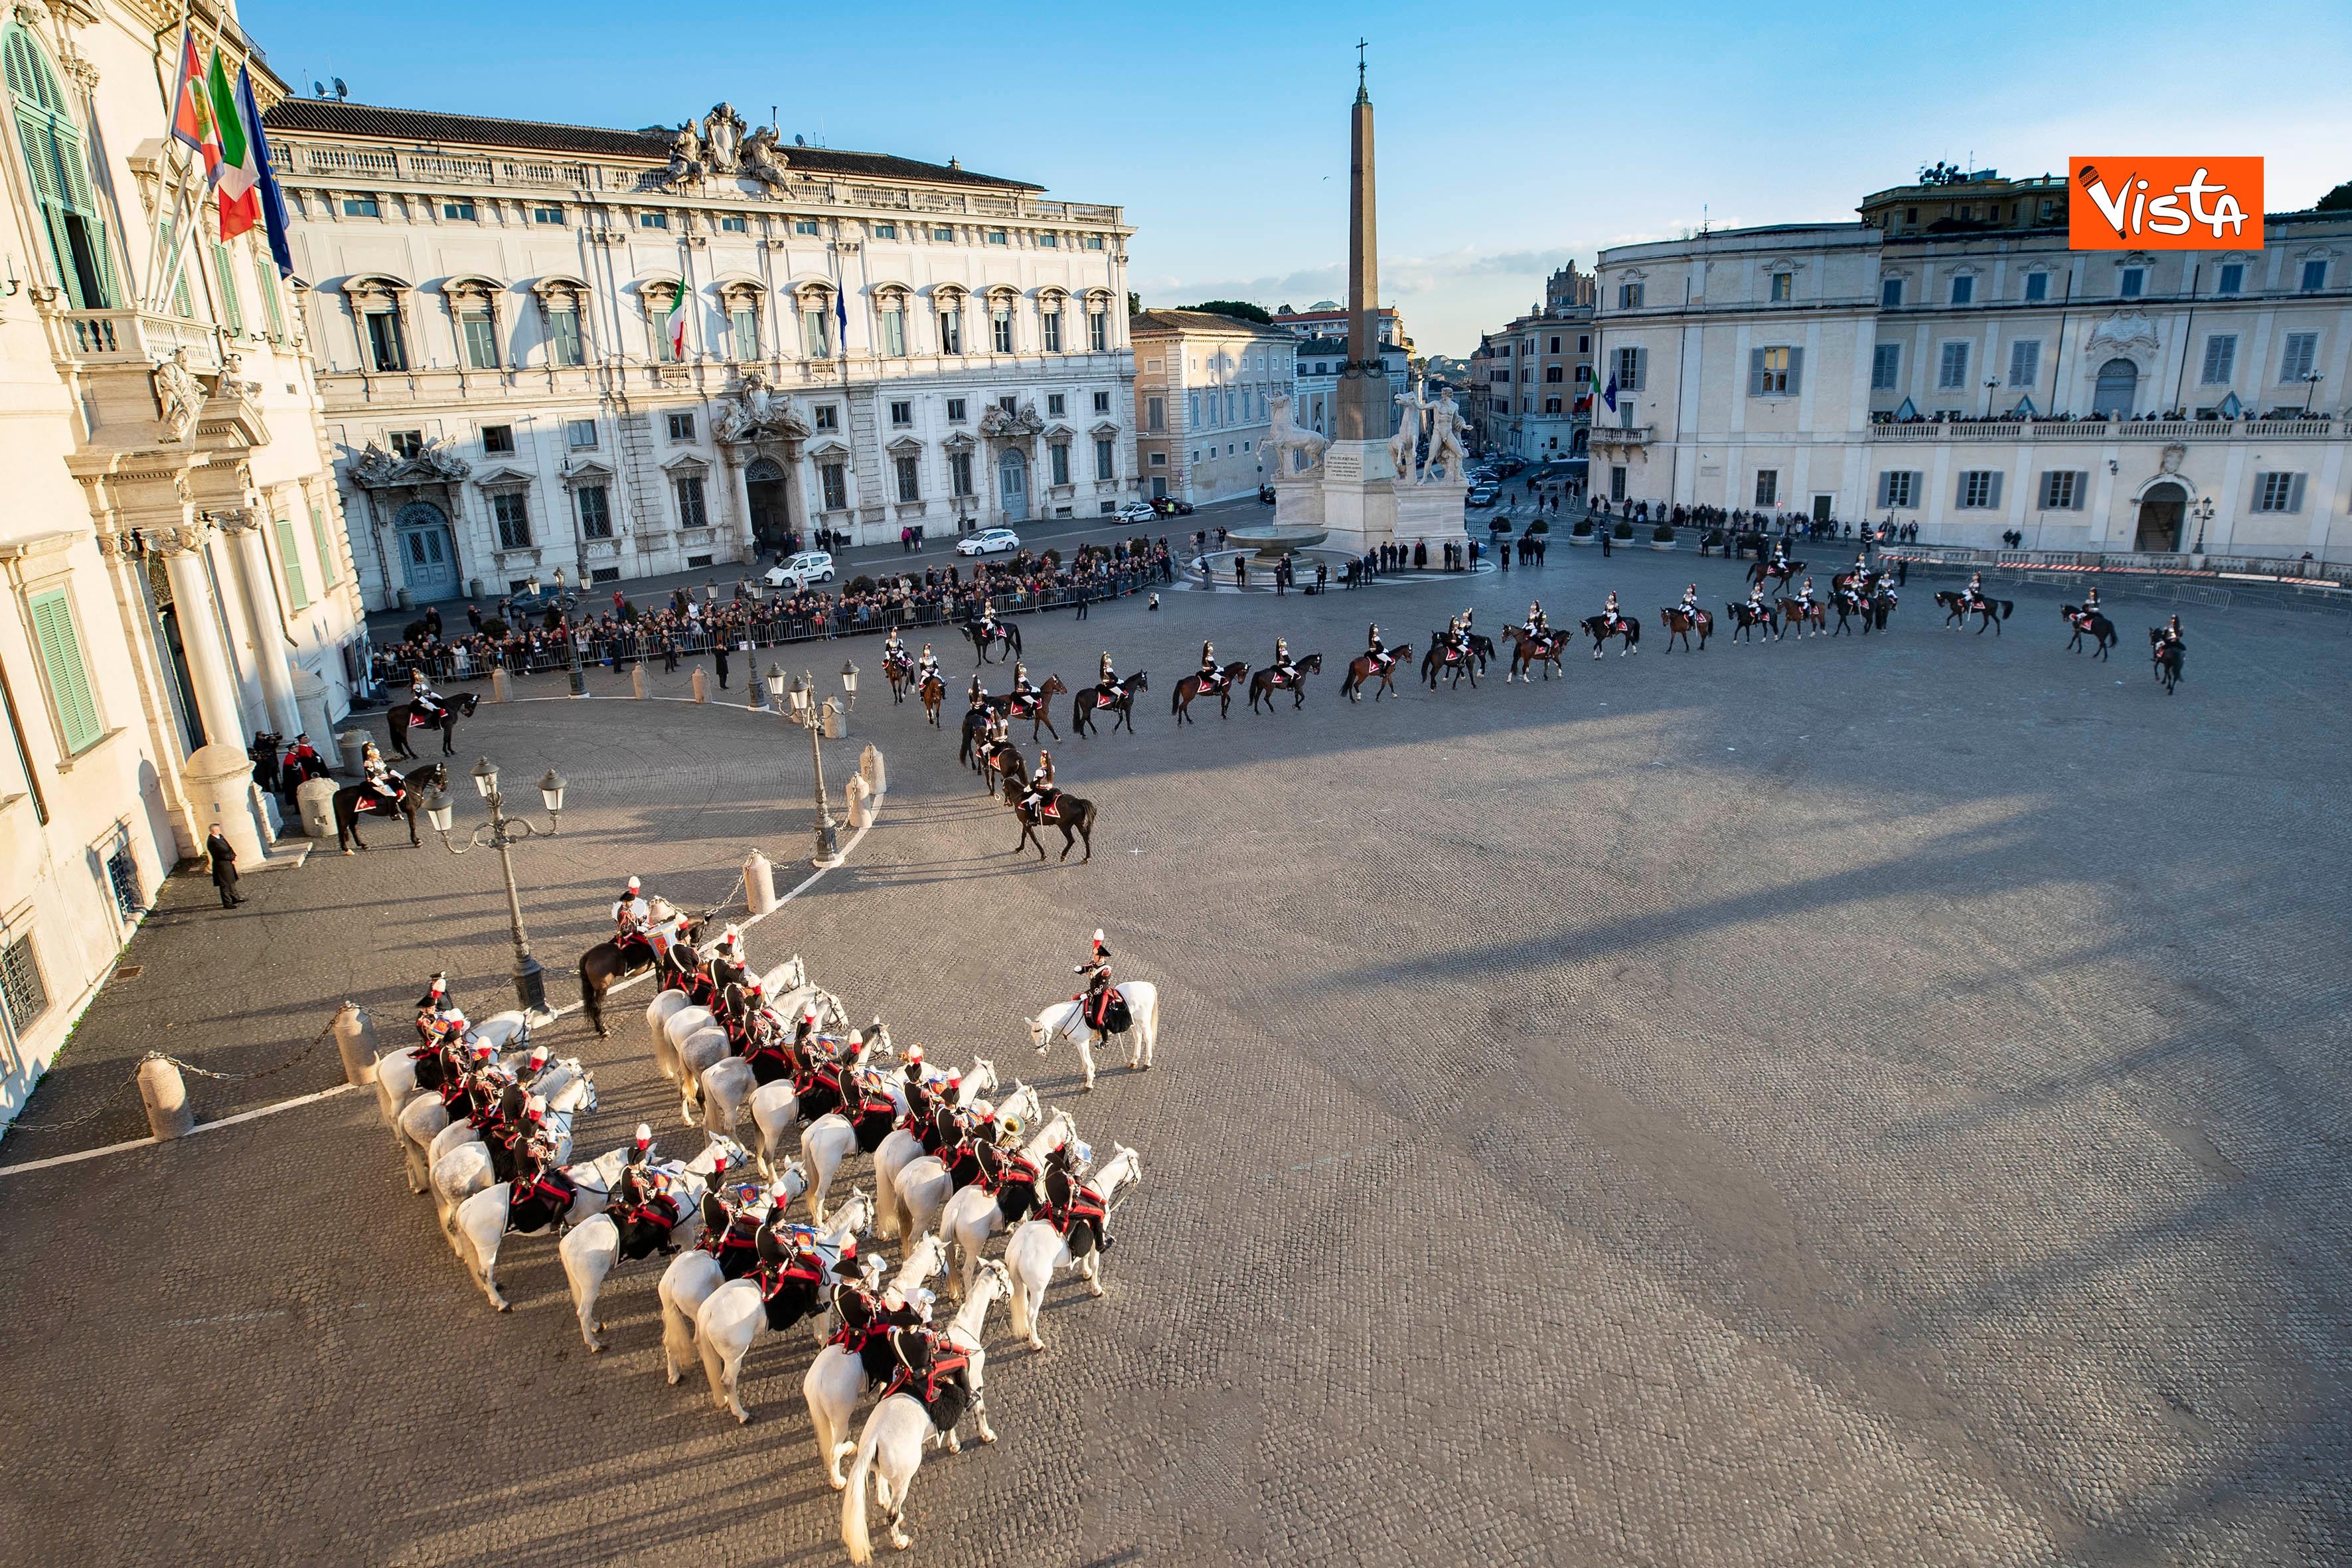 07-01-19 Festa Tricolore il cambio della guardia solenne al Quirinale_02